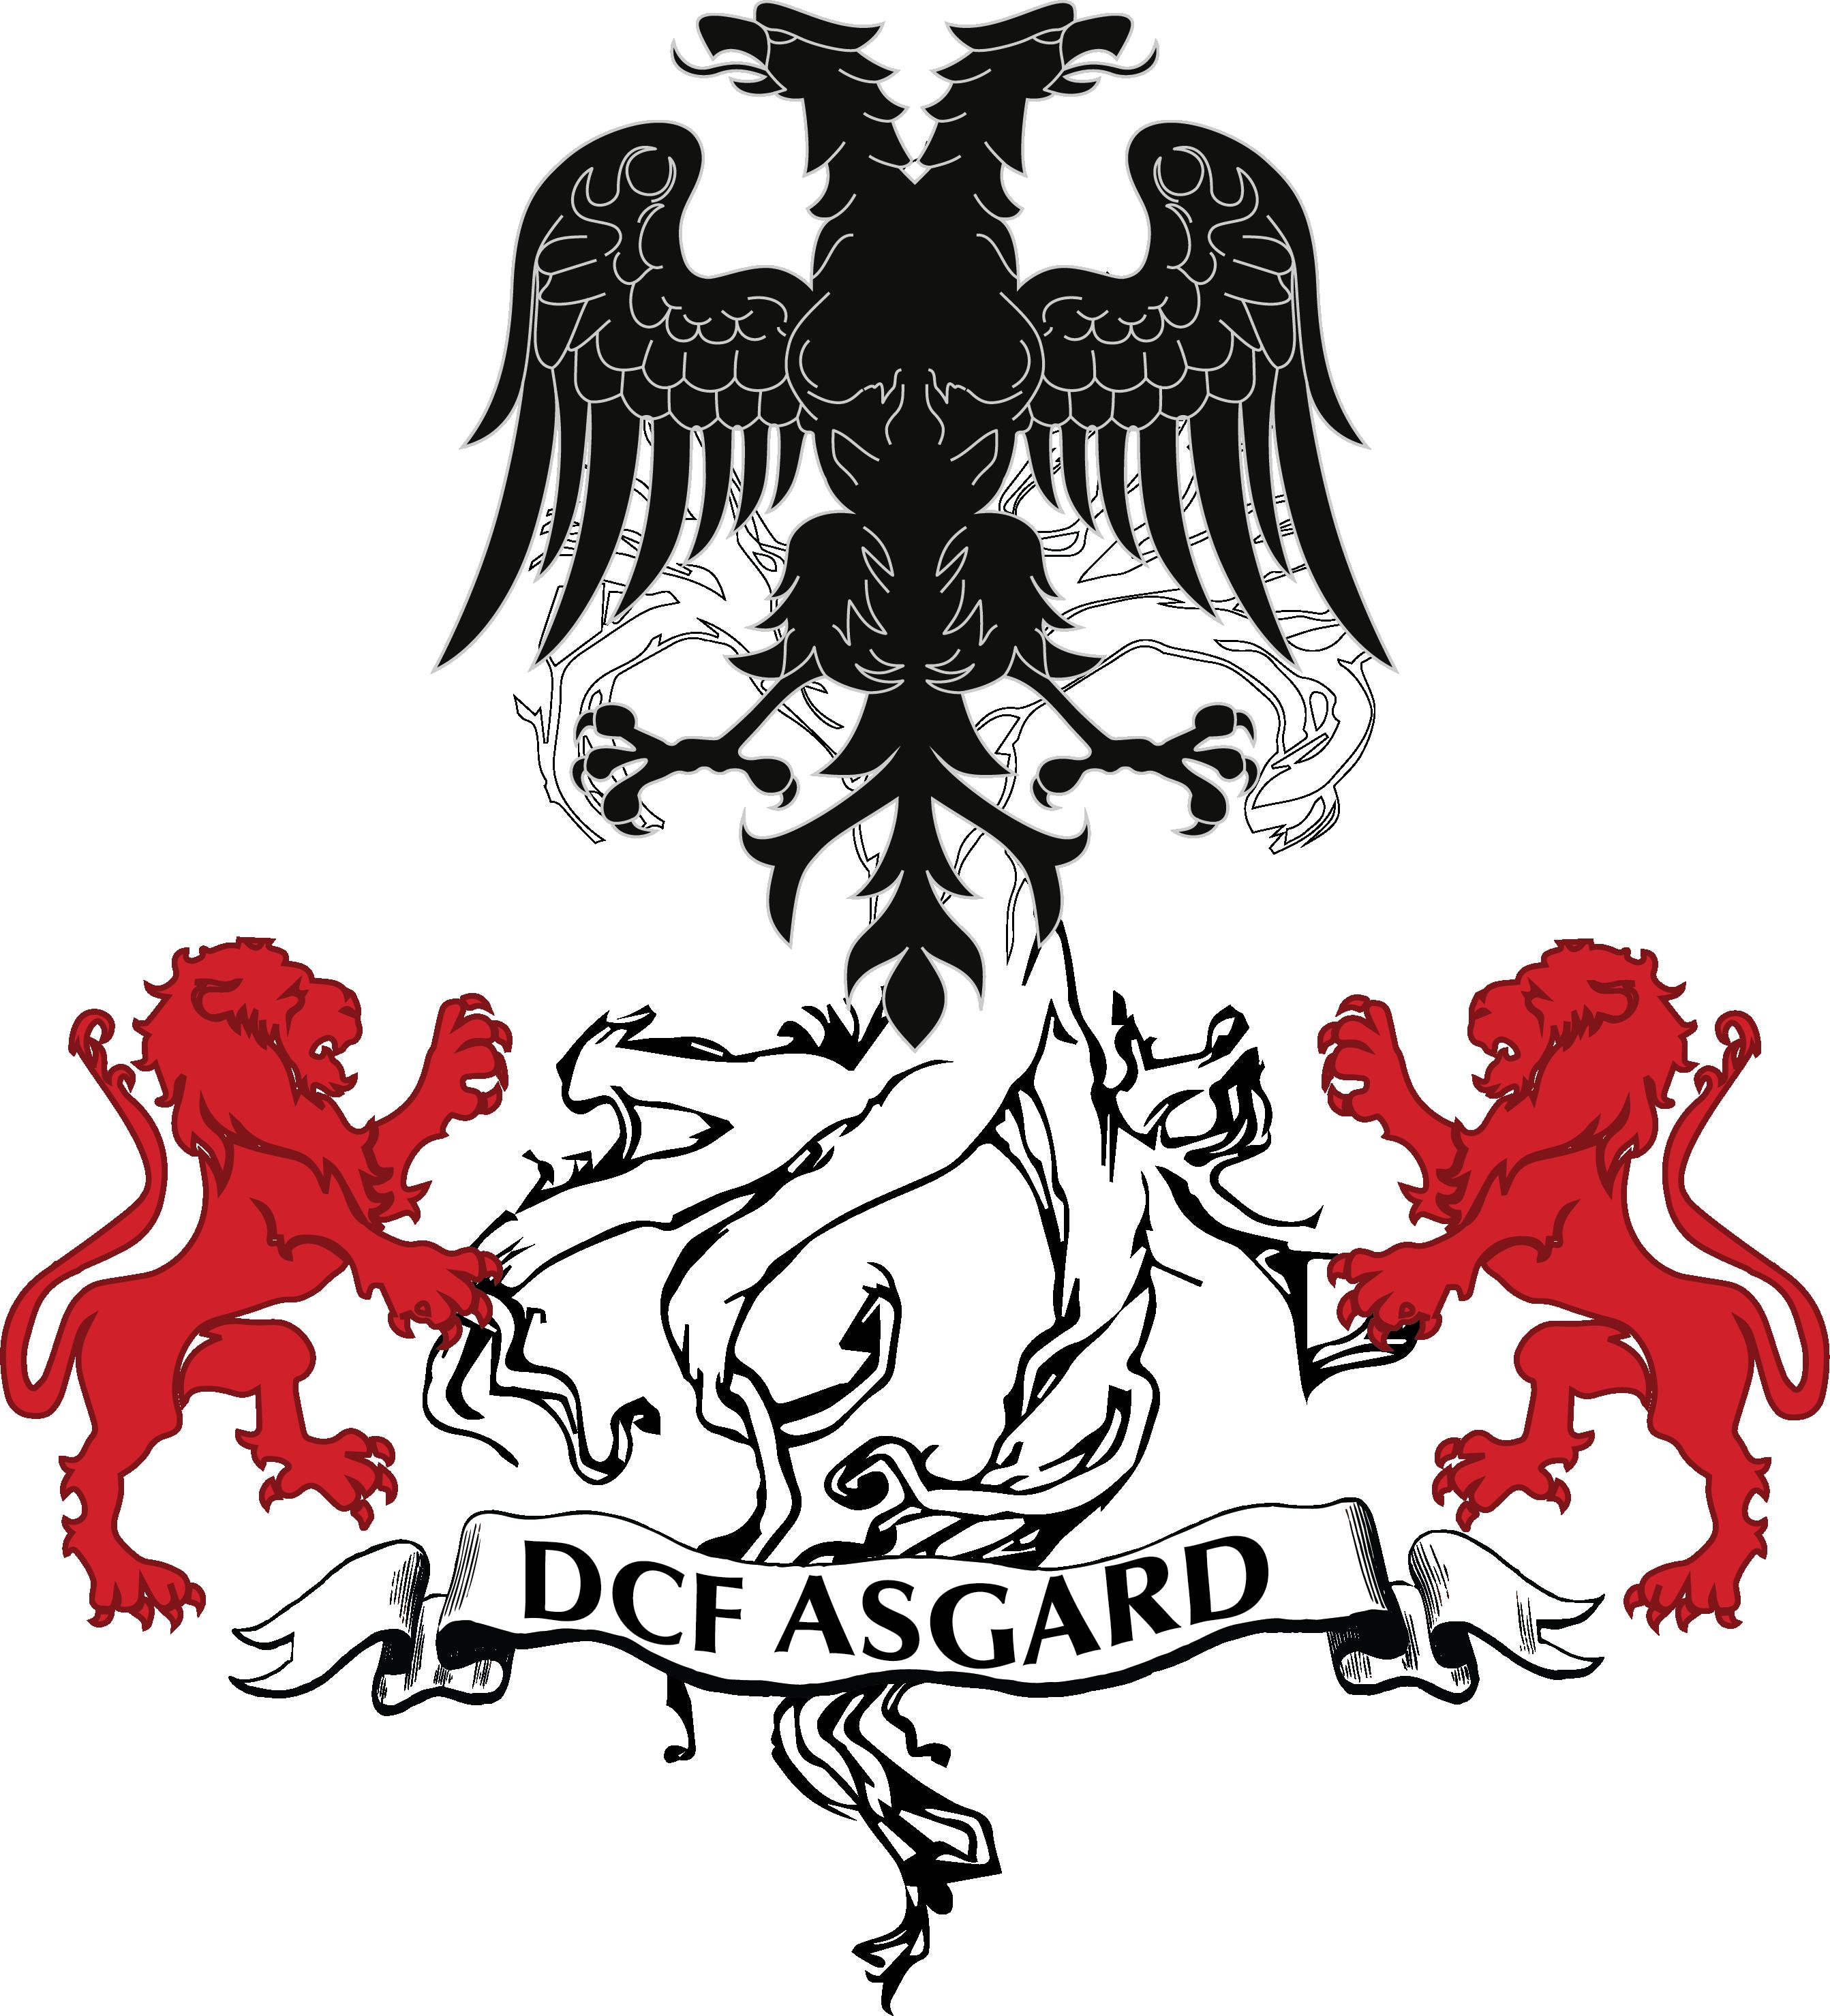 DCF Asgard